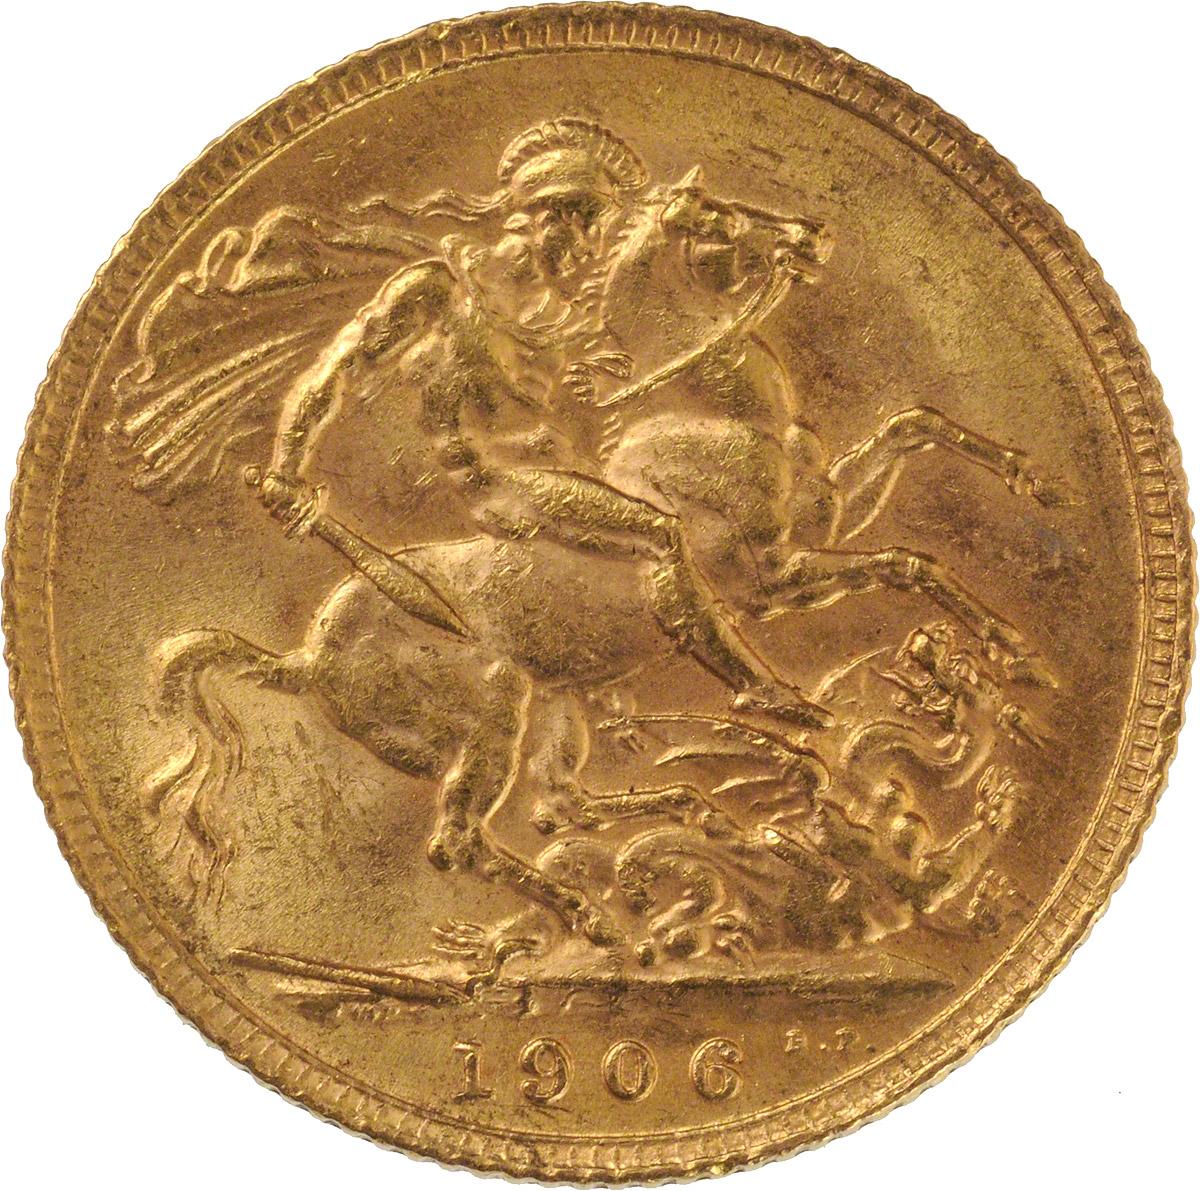 1906 Εδουάρδος Ζ' (Νομισματοκοπείο Λονδίνου)